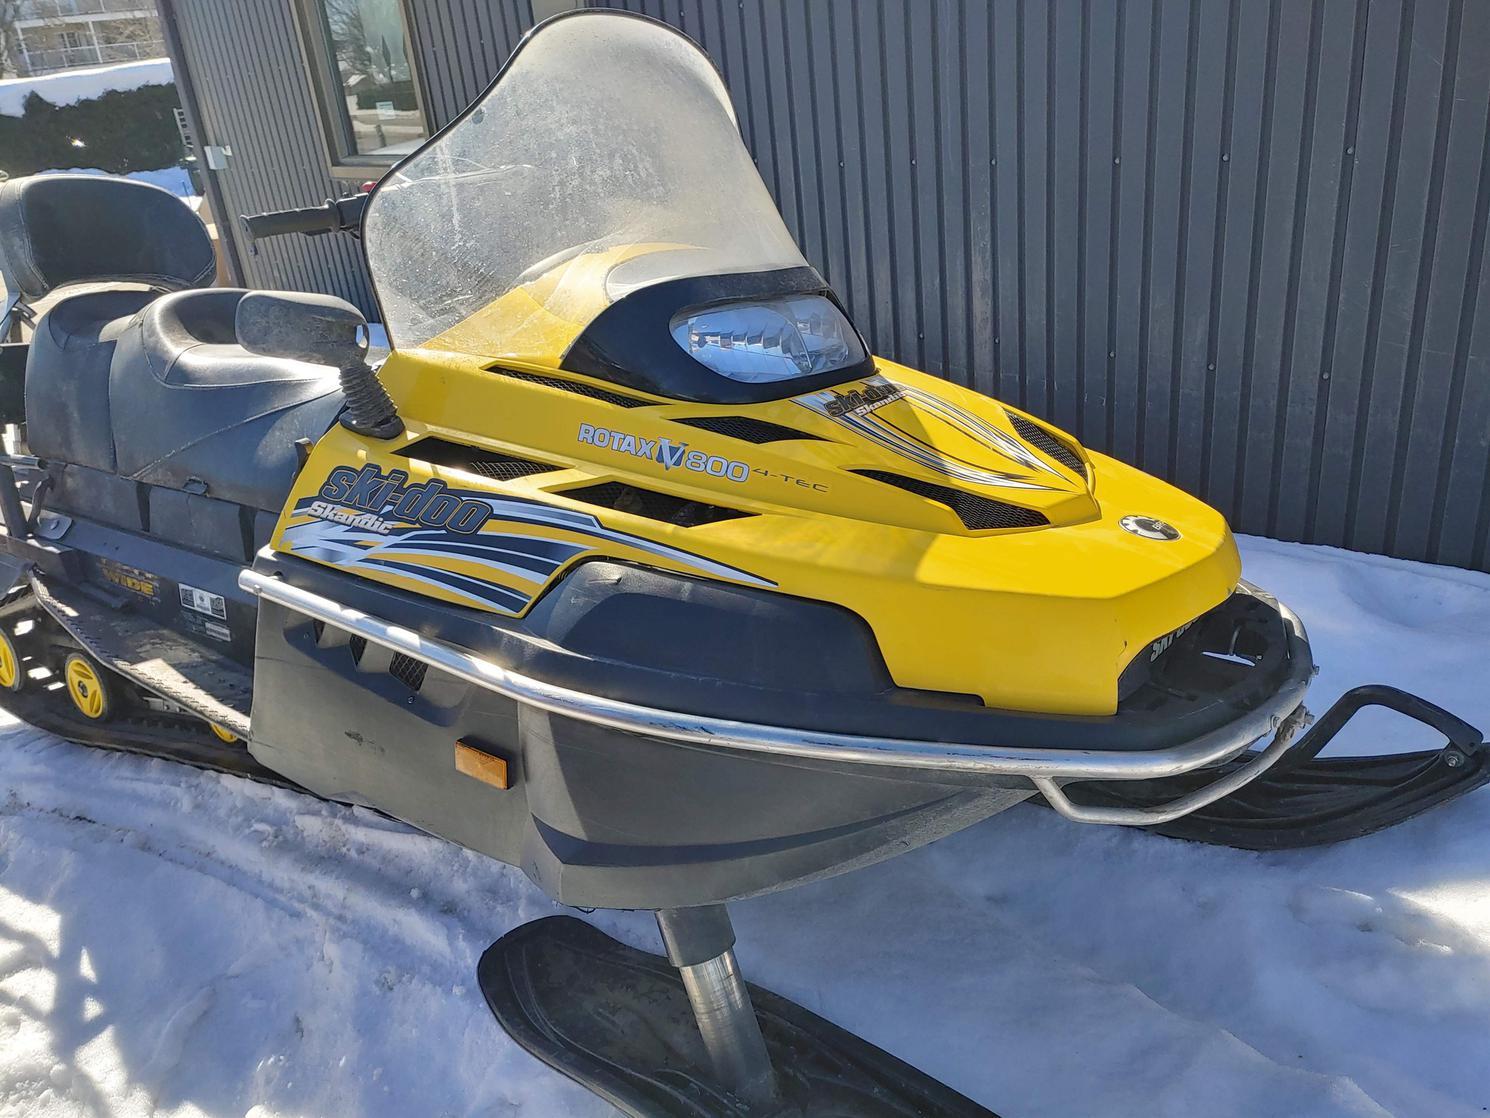 2009 Ski-Doo SKANDIC SWT V-800